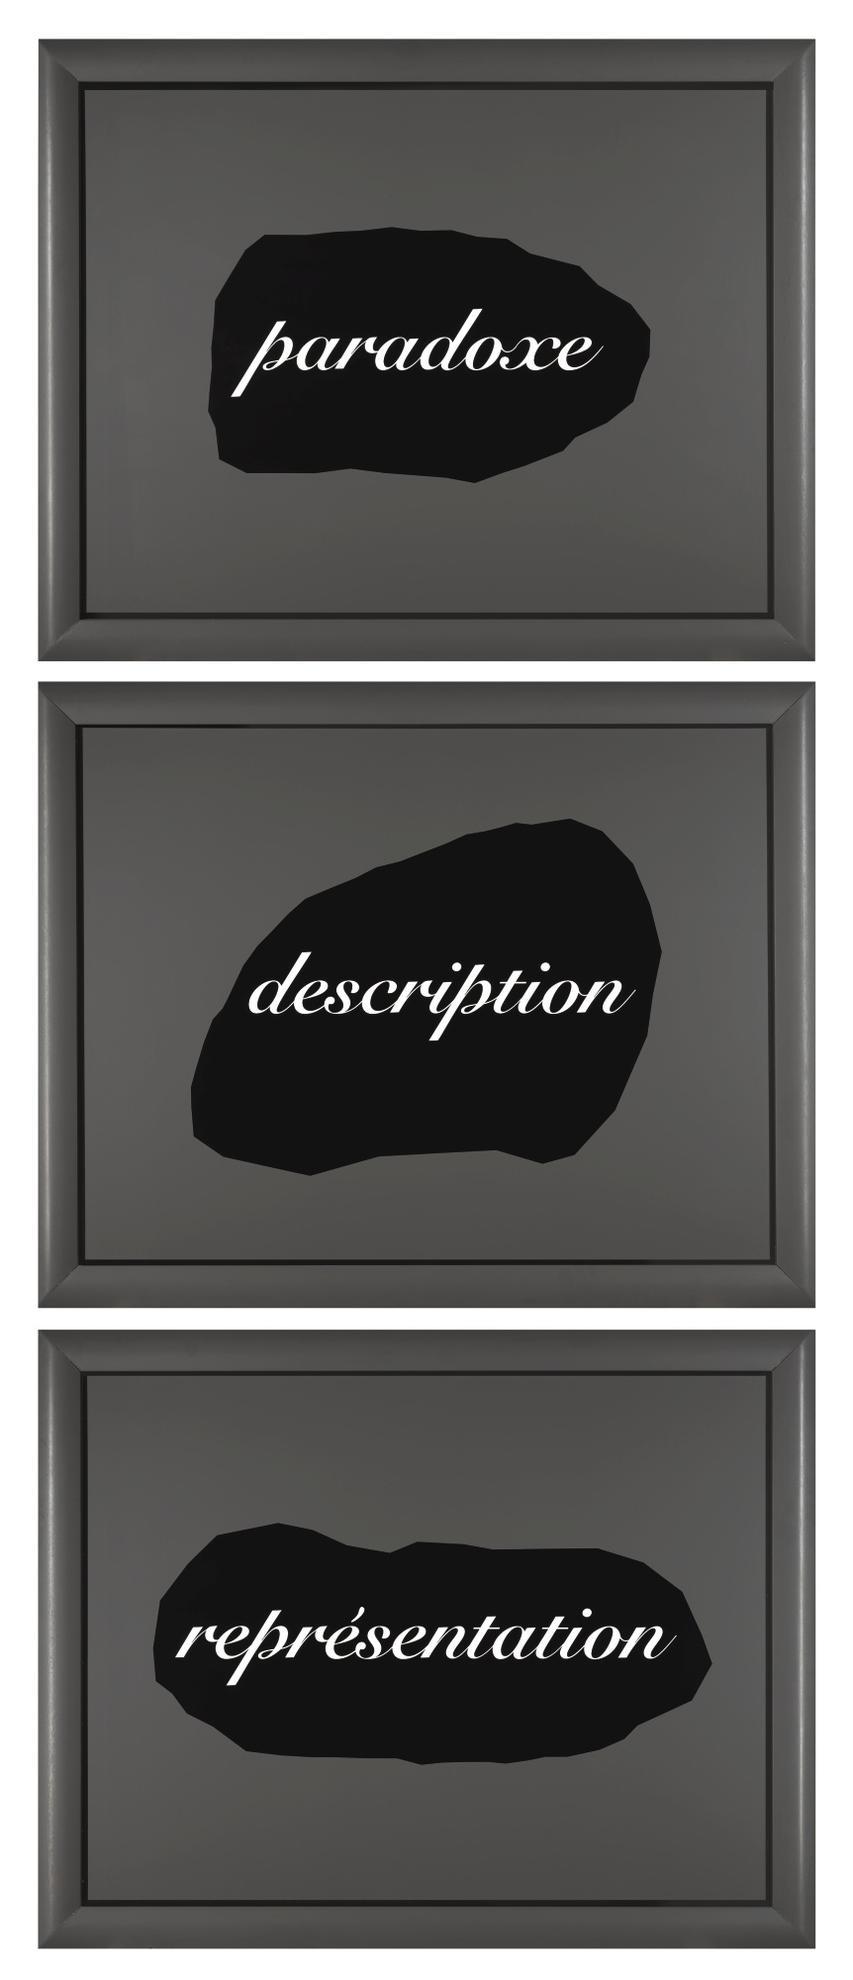 Joseph Kosuth-Lessence De La Retorique Est Dans Lallegorie: Paradoxe, Description, Representation-1989